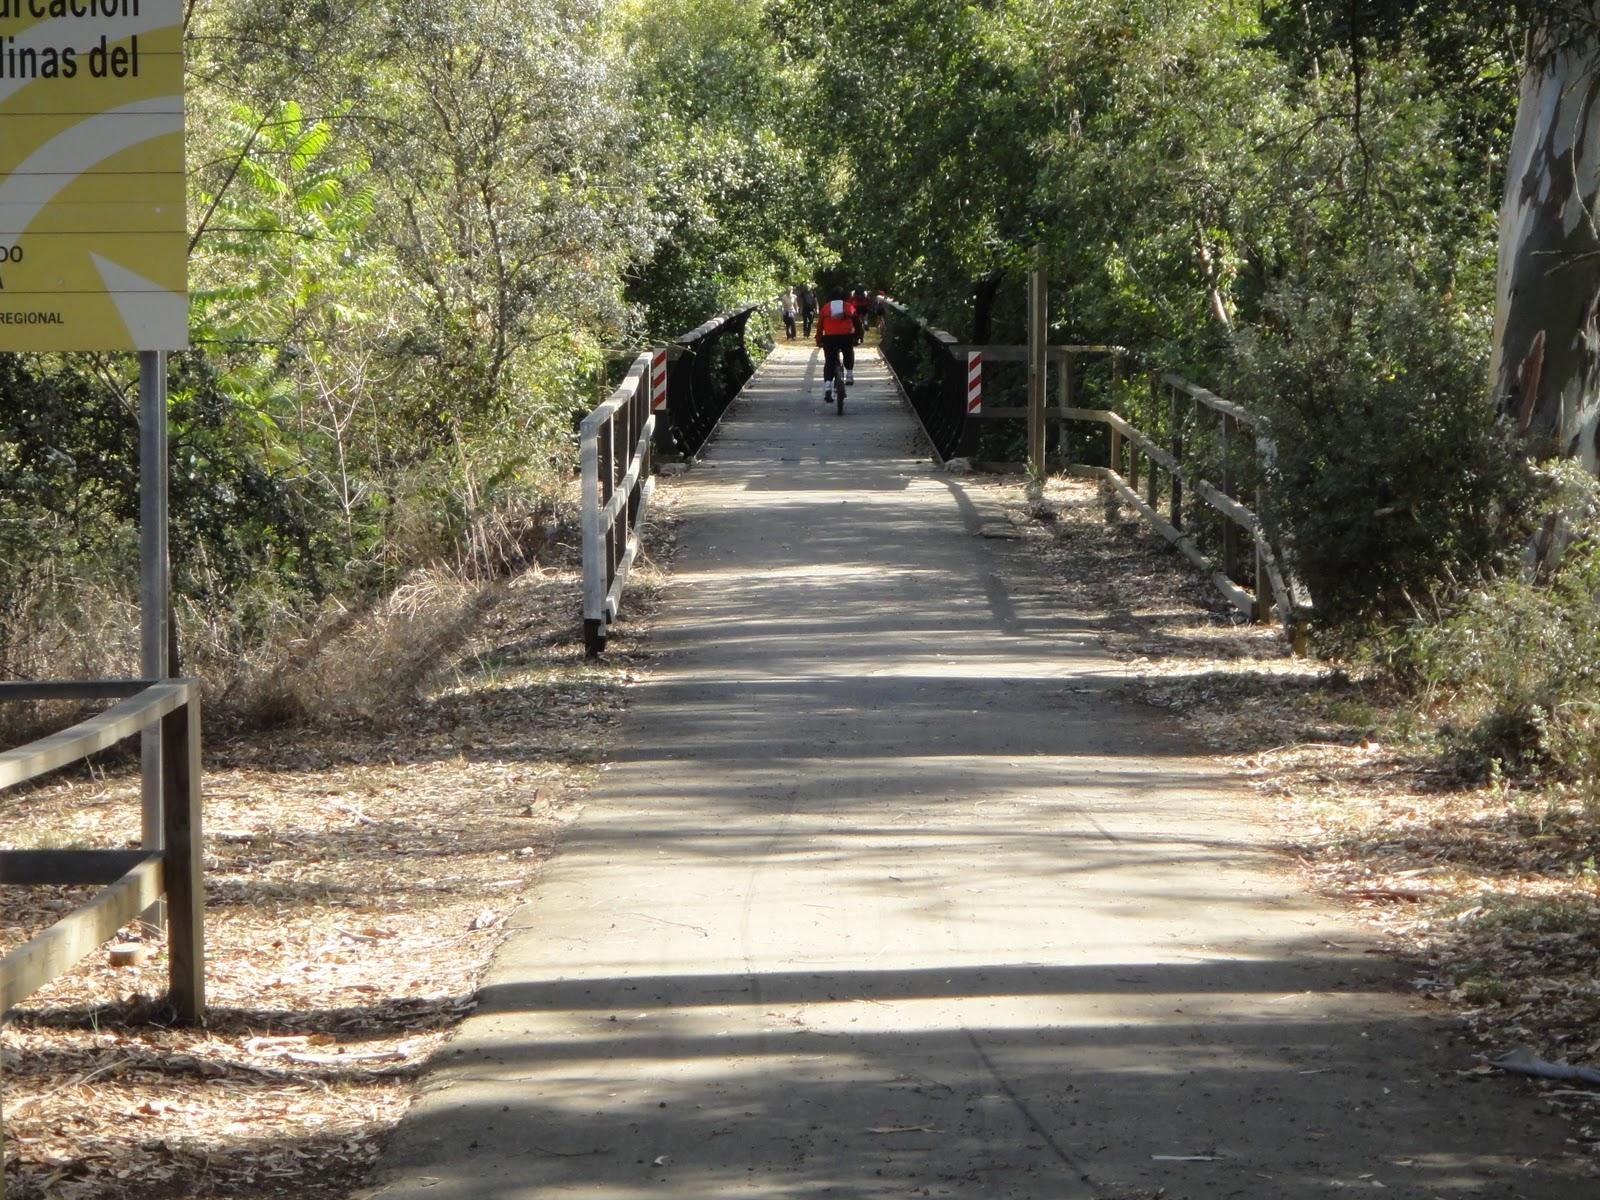 La maquinilla paseo por la v a verde de la sierra norte for Caseta guarda bicicletas